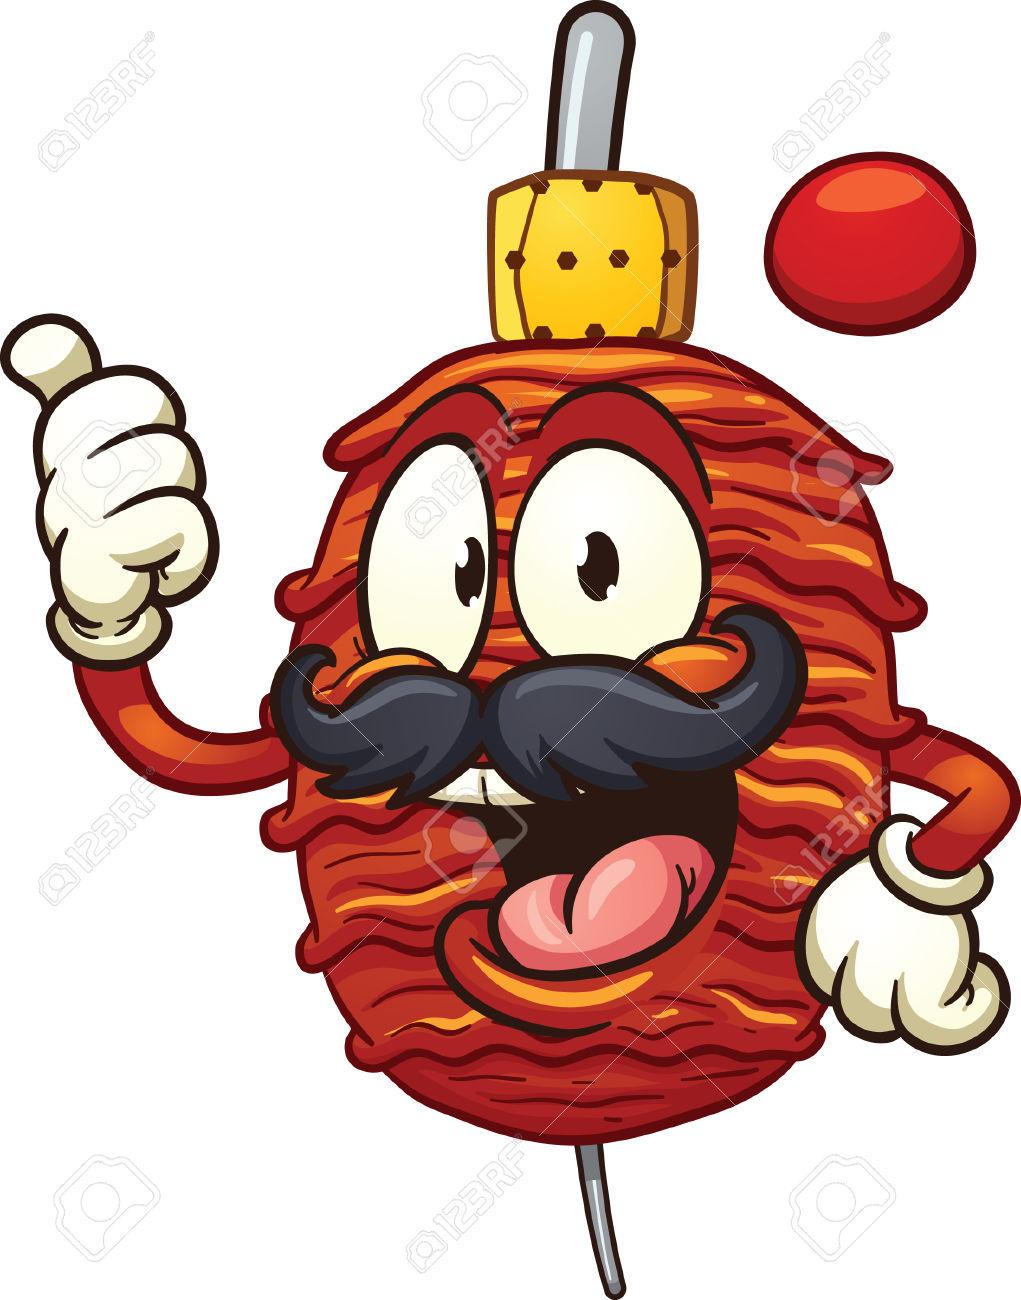 Grilled Taco Meat Or Doner Kebab. Vector Clip Art Illustration.